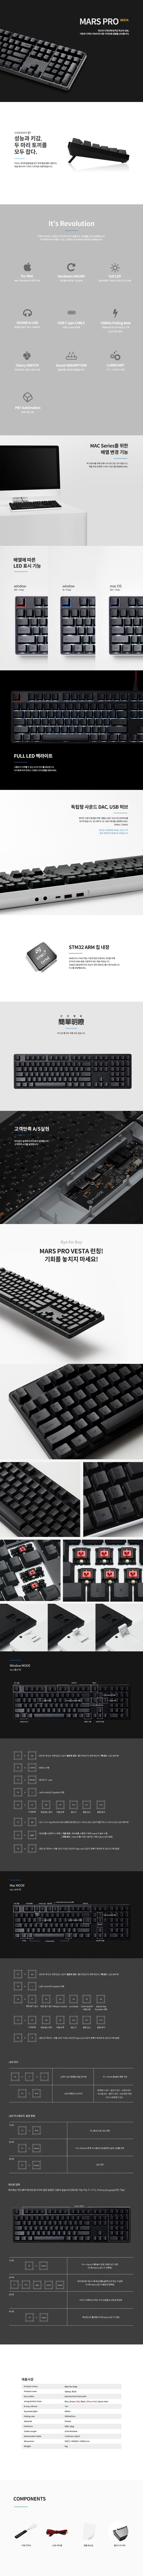 타이폰 Mars Pro VESTA 기계식 키보드 영문 (화이트, 흑축)